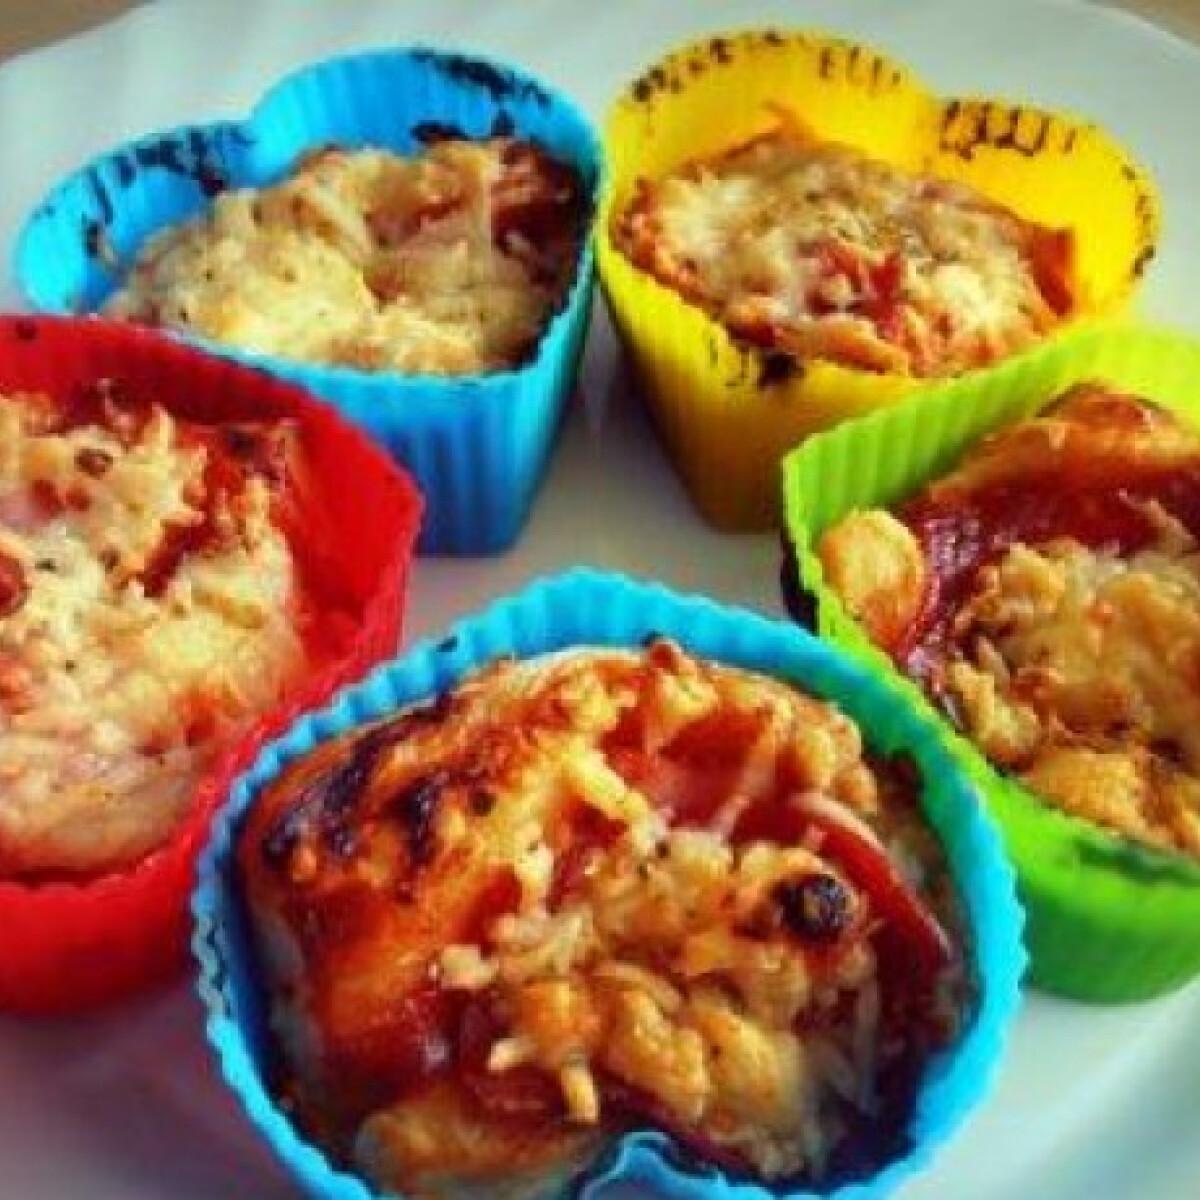 Ezen a képen: Pizza muffin leveles tésztából